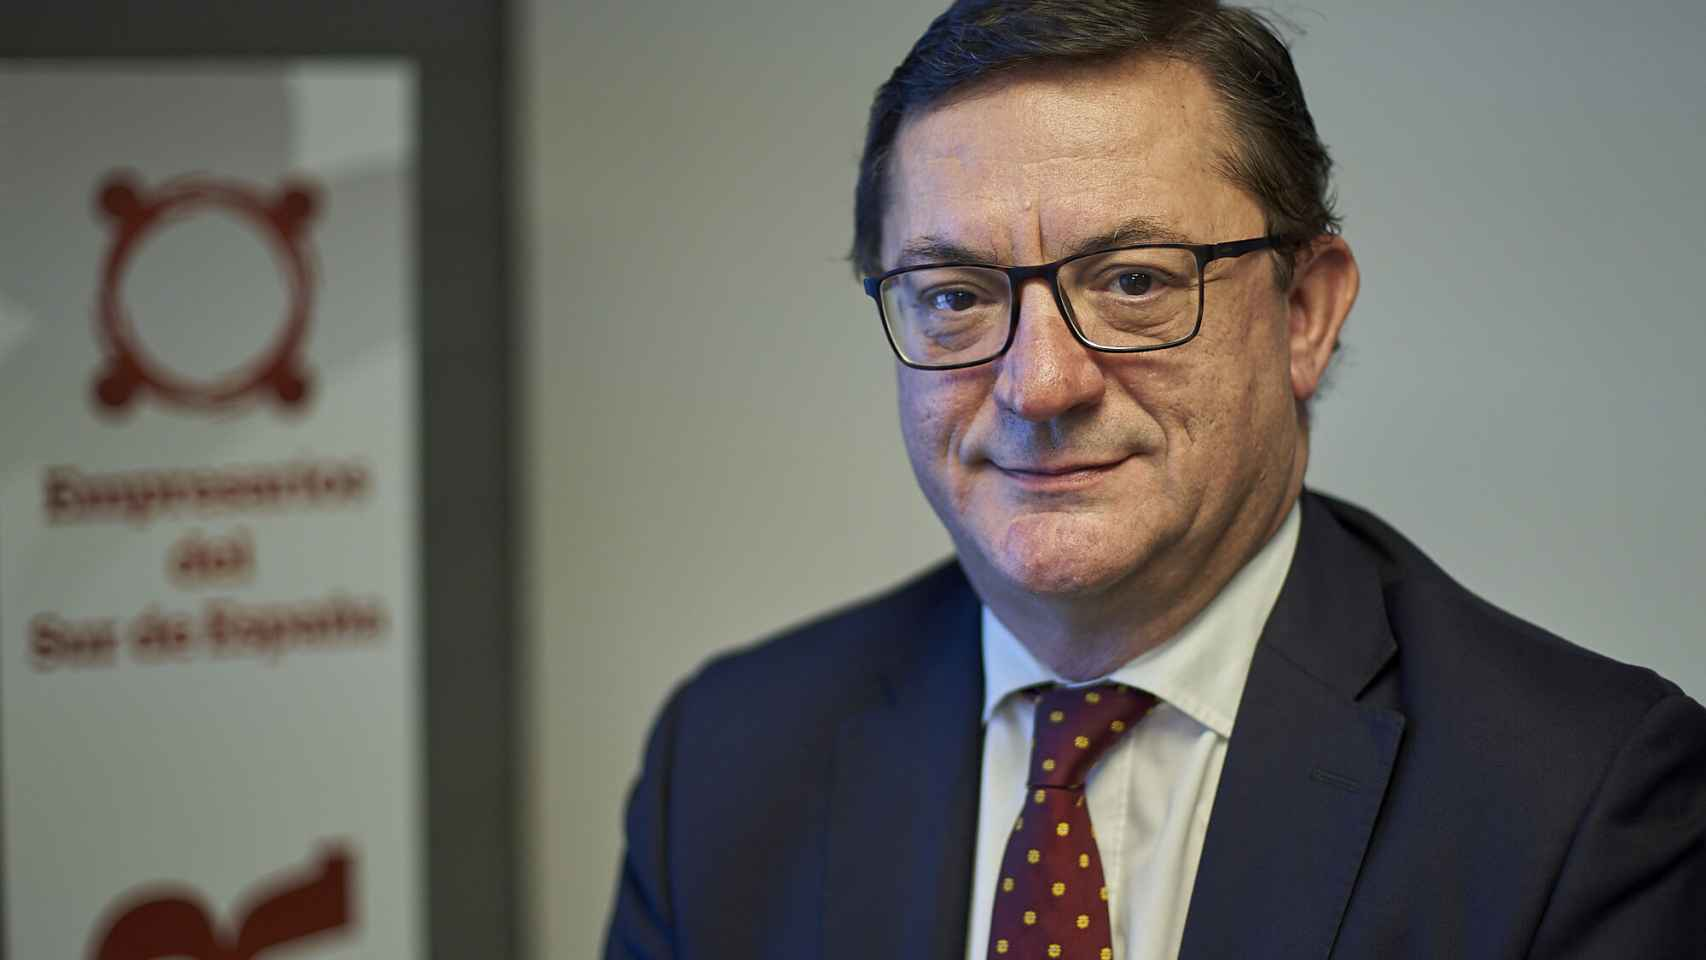 El vicepresidente ejecutivo de la Asociación de Empresarios del Sur de España (CESUR), Fernando Seco.